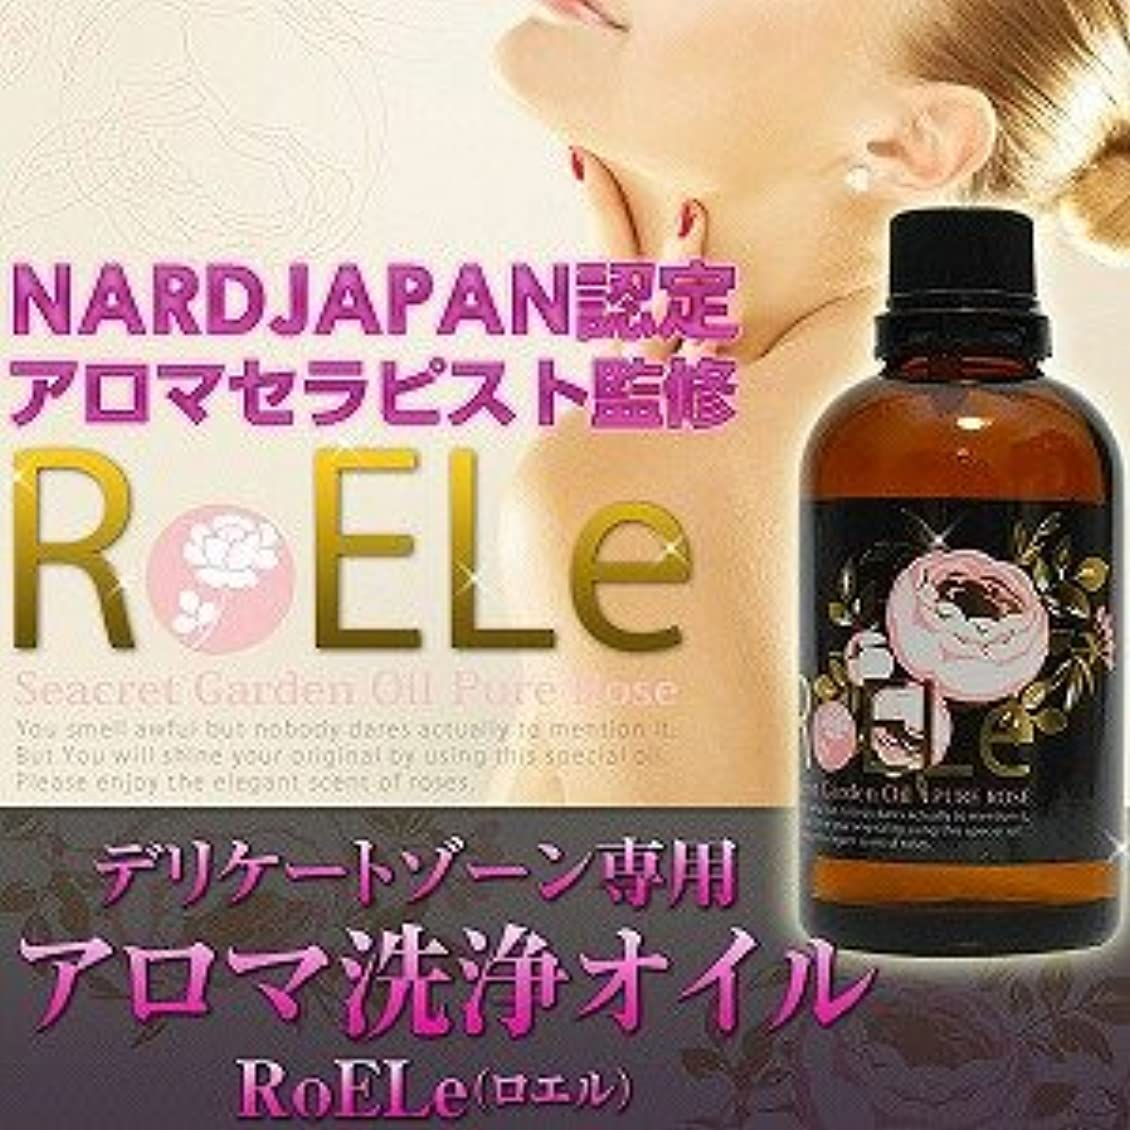 軽量ゴネリルルアーデリケートゾーン専用、アロマ洗浄オイル『RoELe(ロエル)』